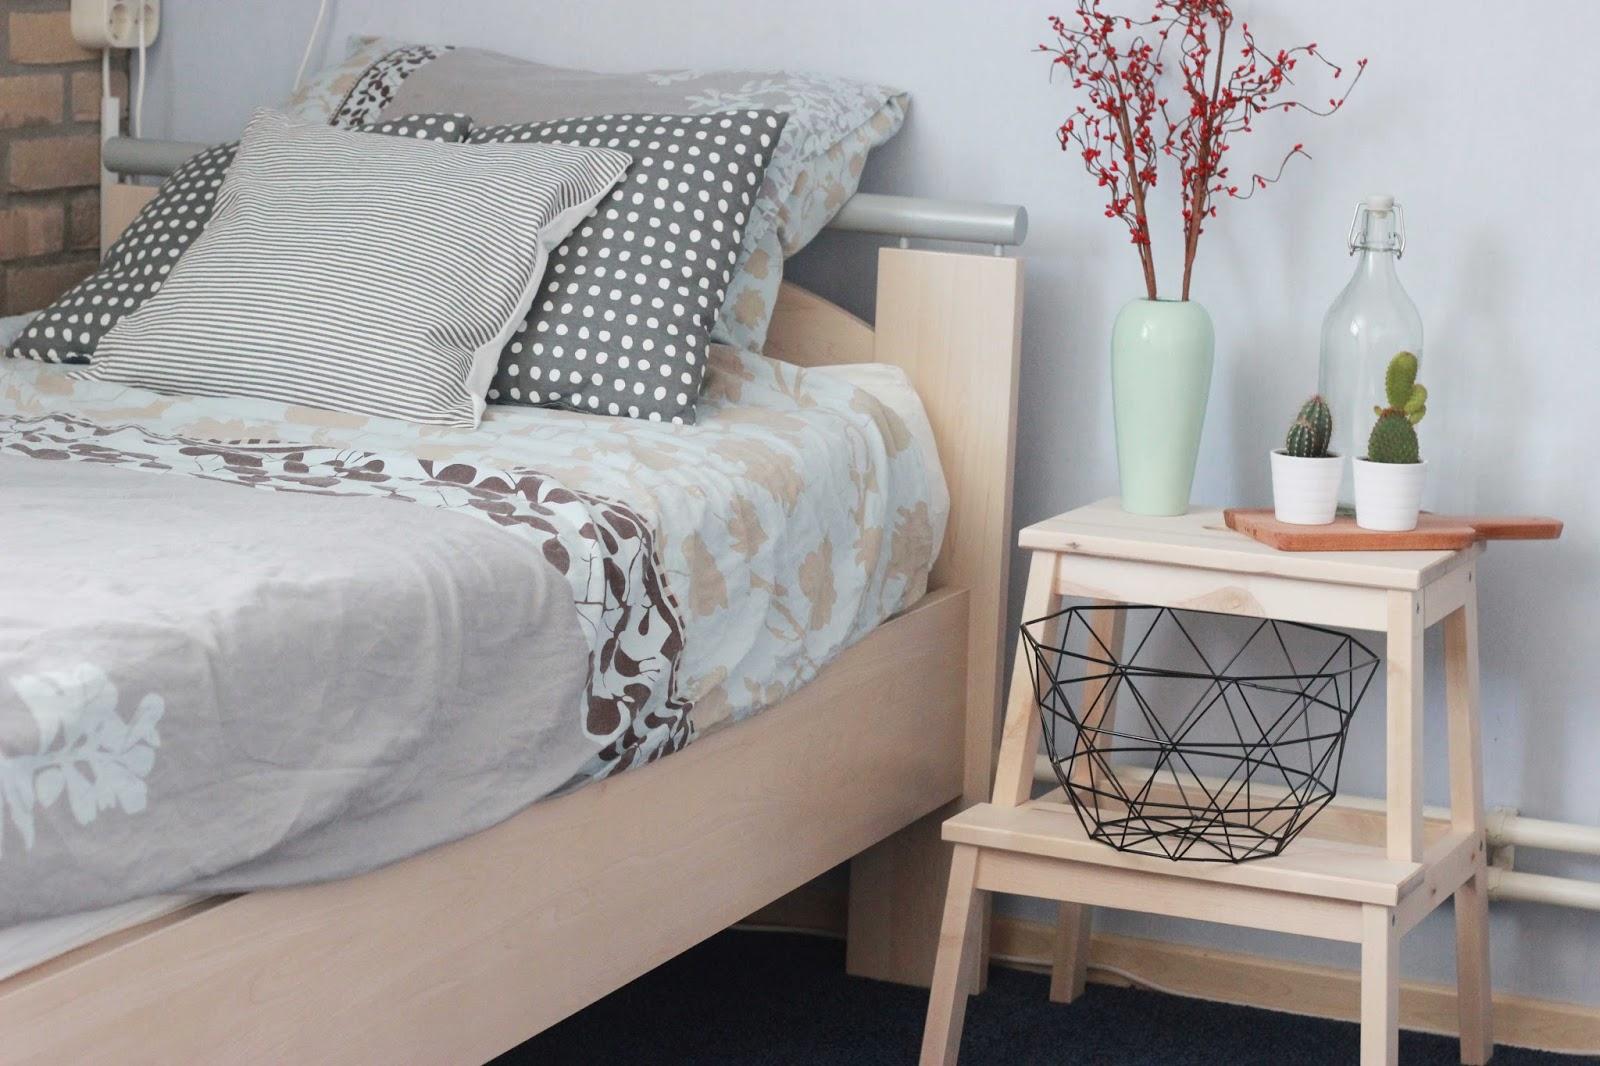 Glazen Tafel Ikea : Ikea woonkamer tafel. perfect antieke tafel altijd al gedroomd van